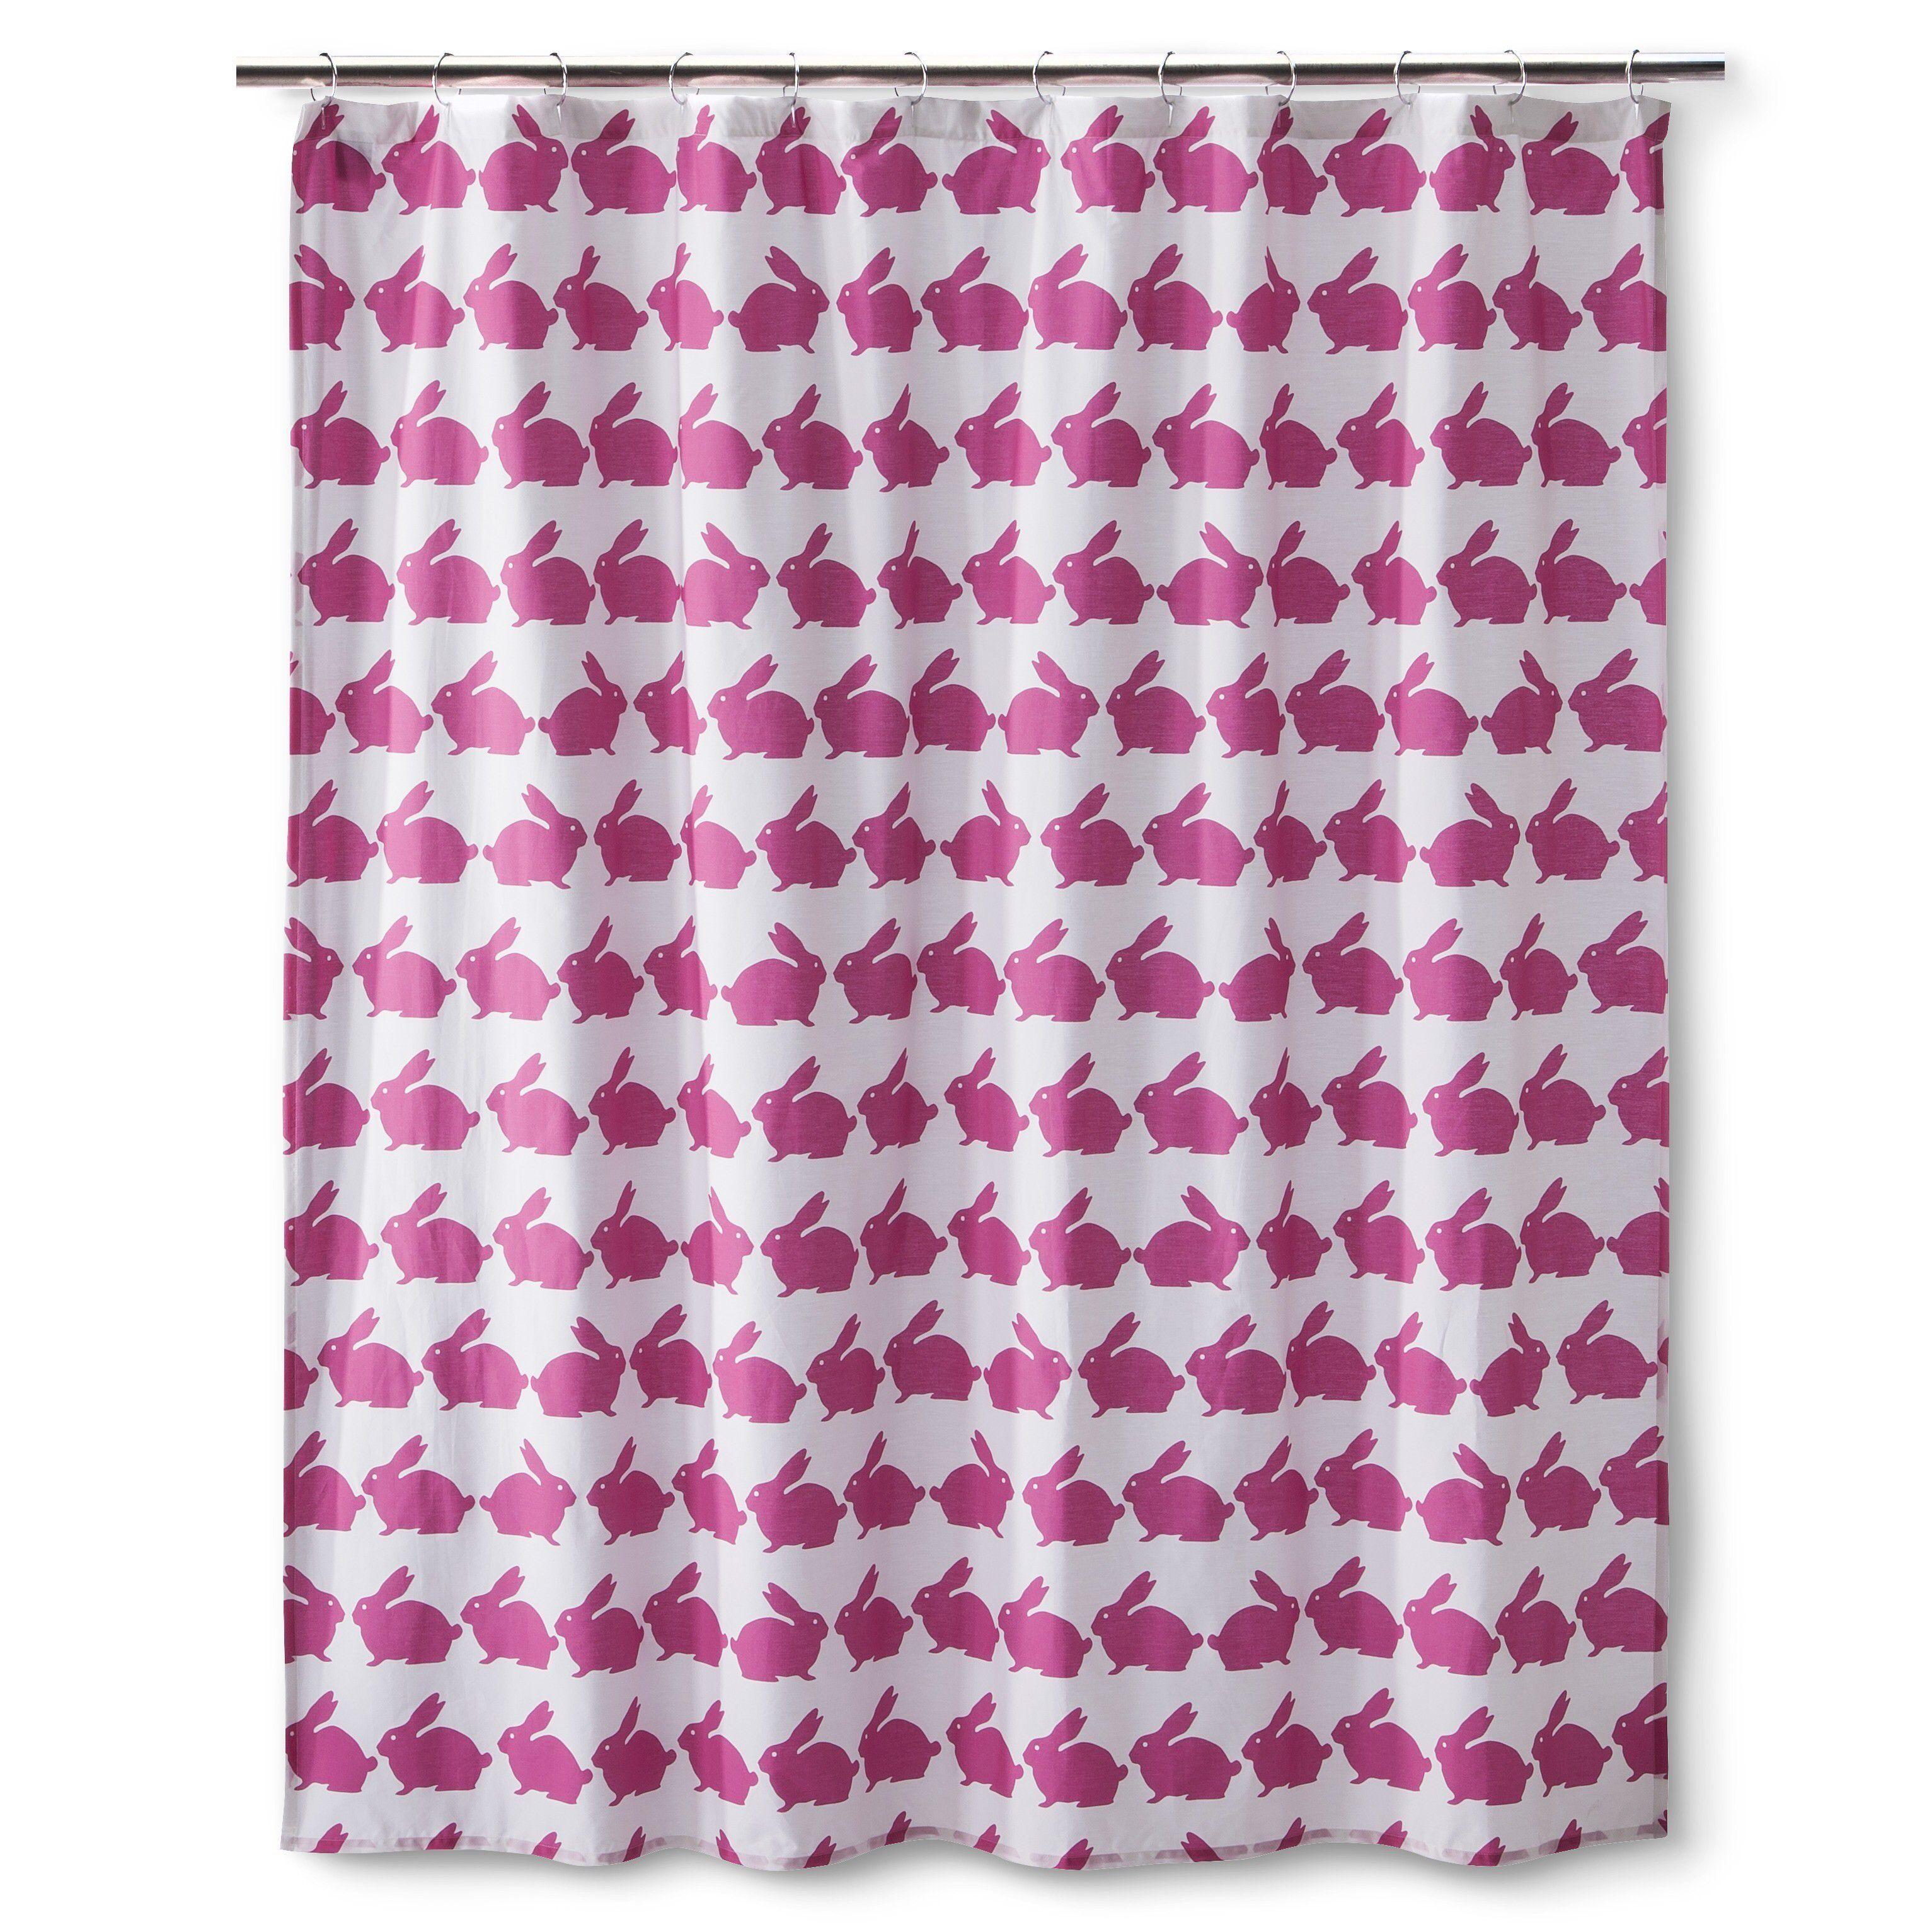 Anorak Rabbit Shower Curtain